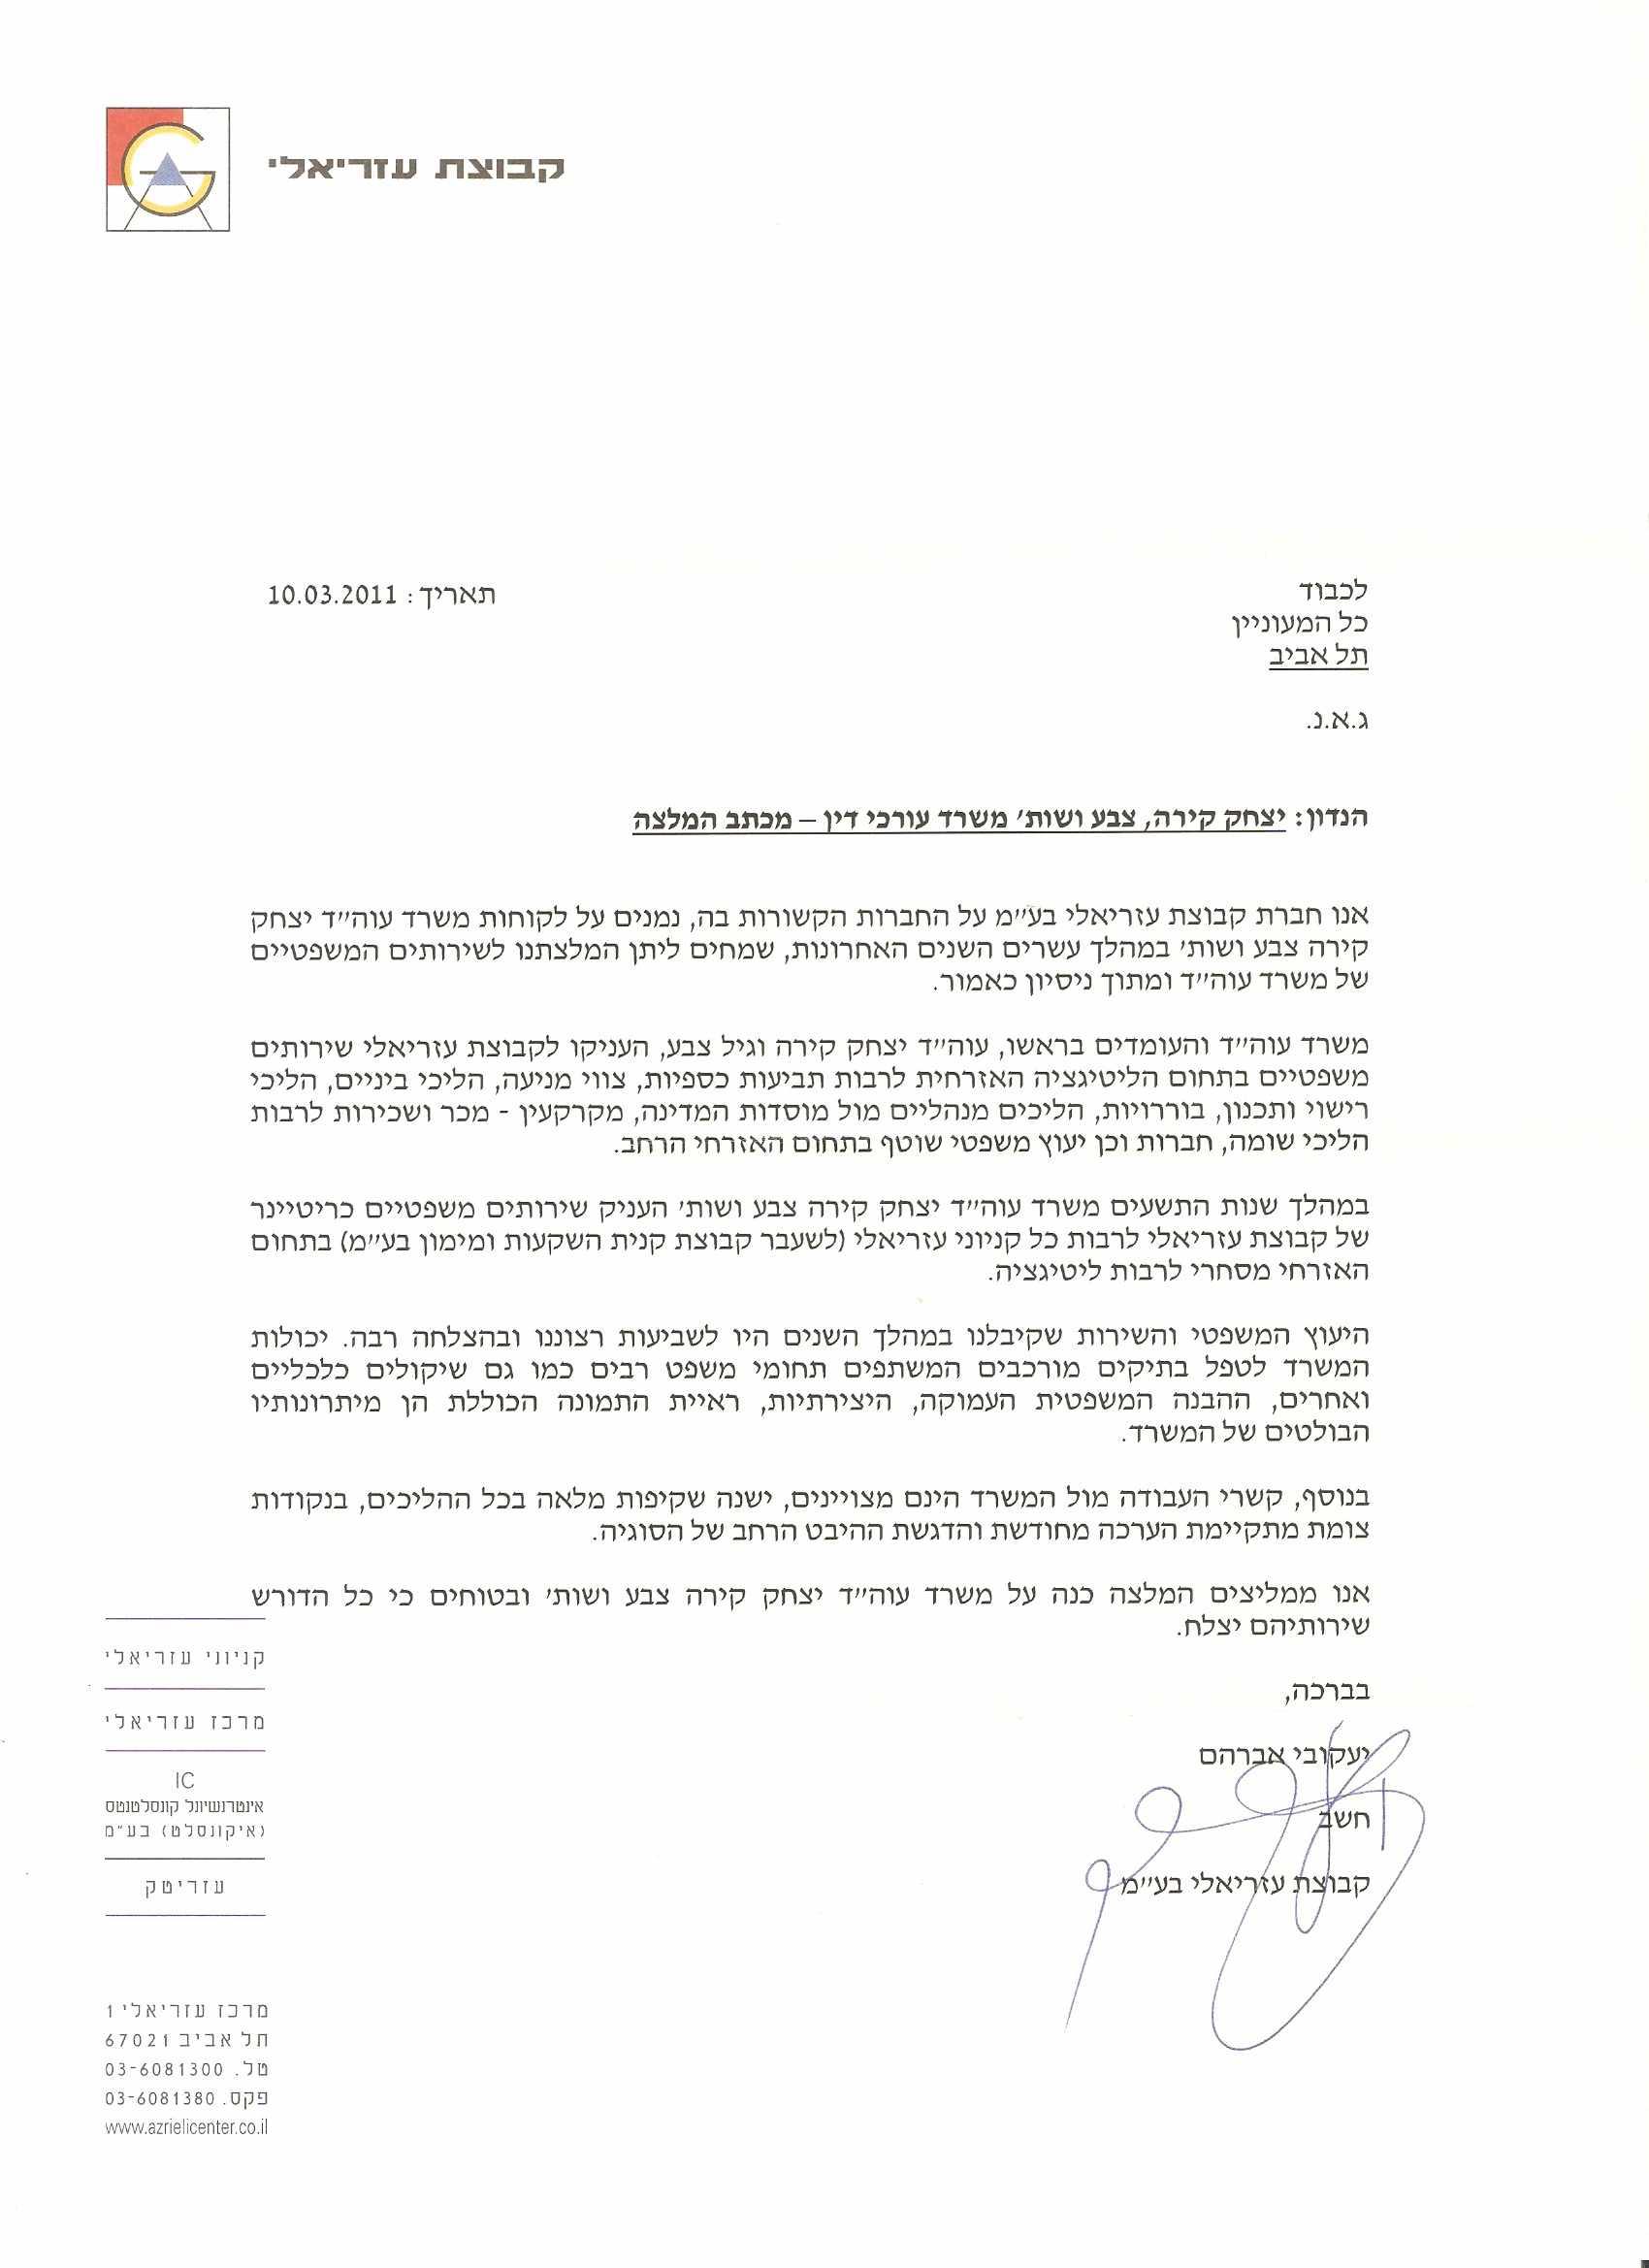 מכתב המלצה עזריאלי - טקסט בהמשך העמוד